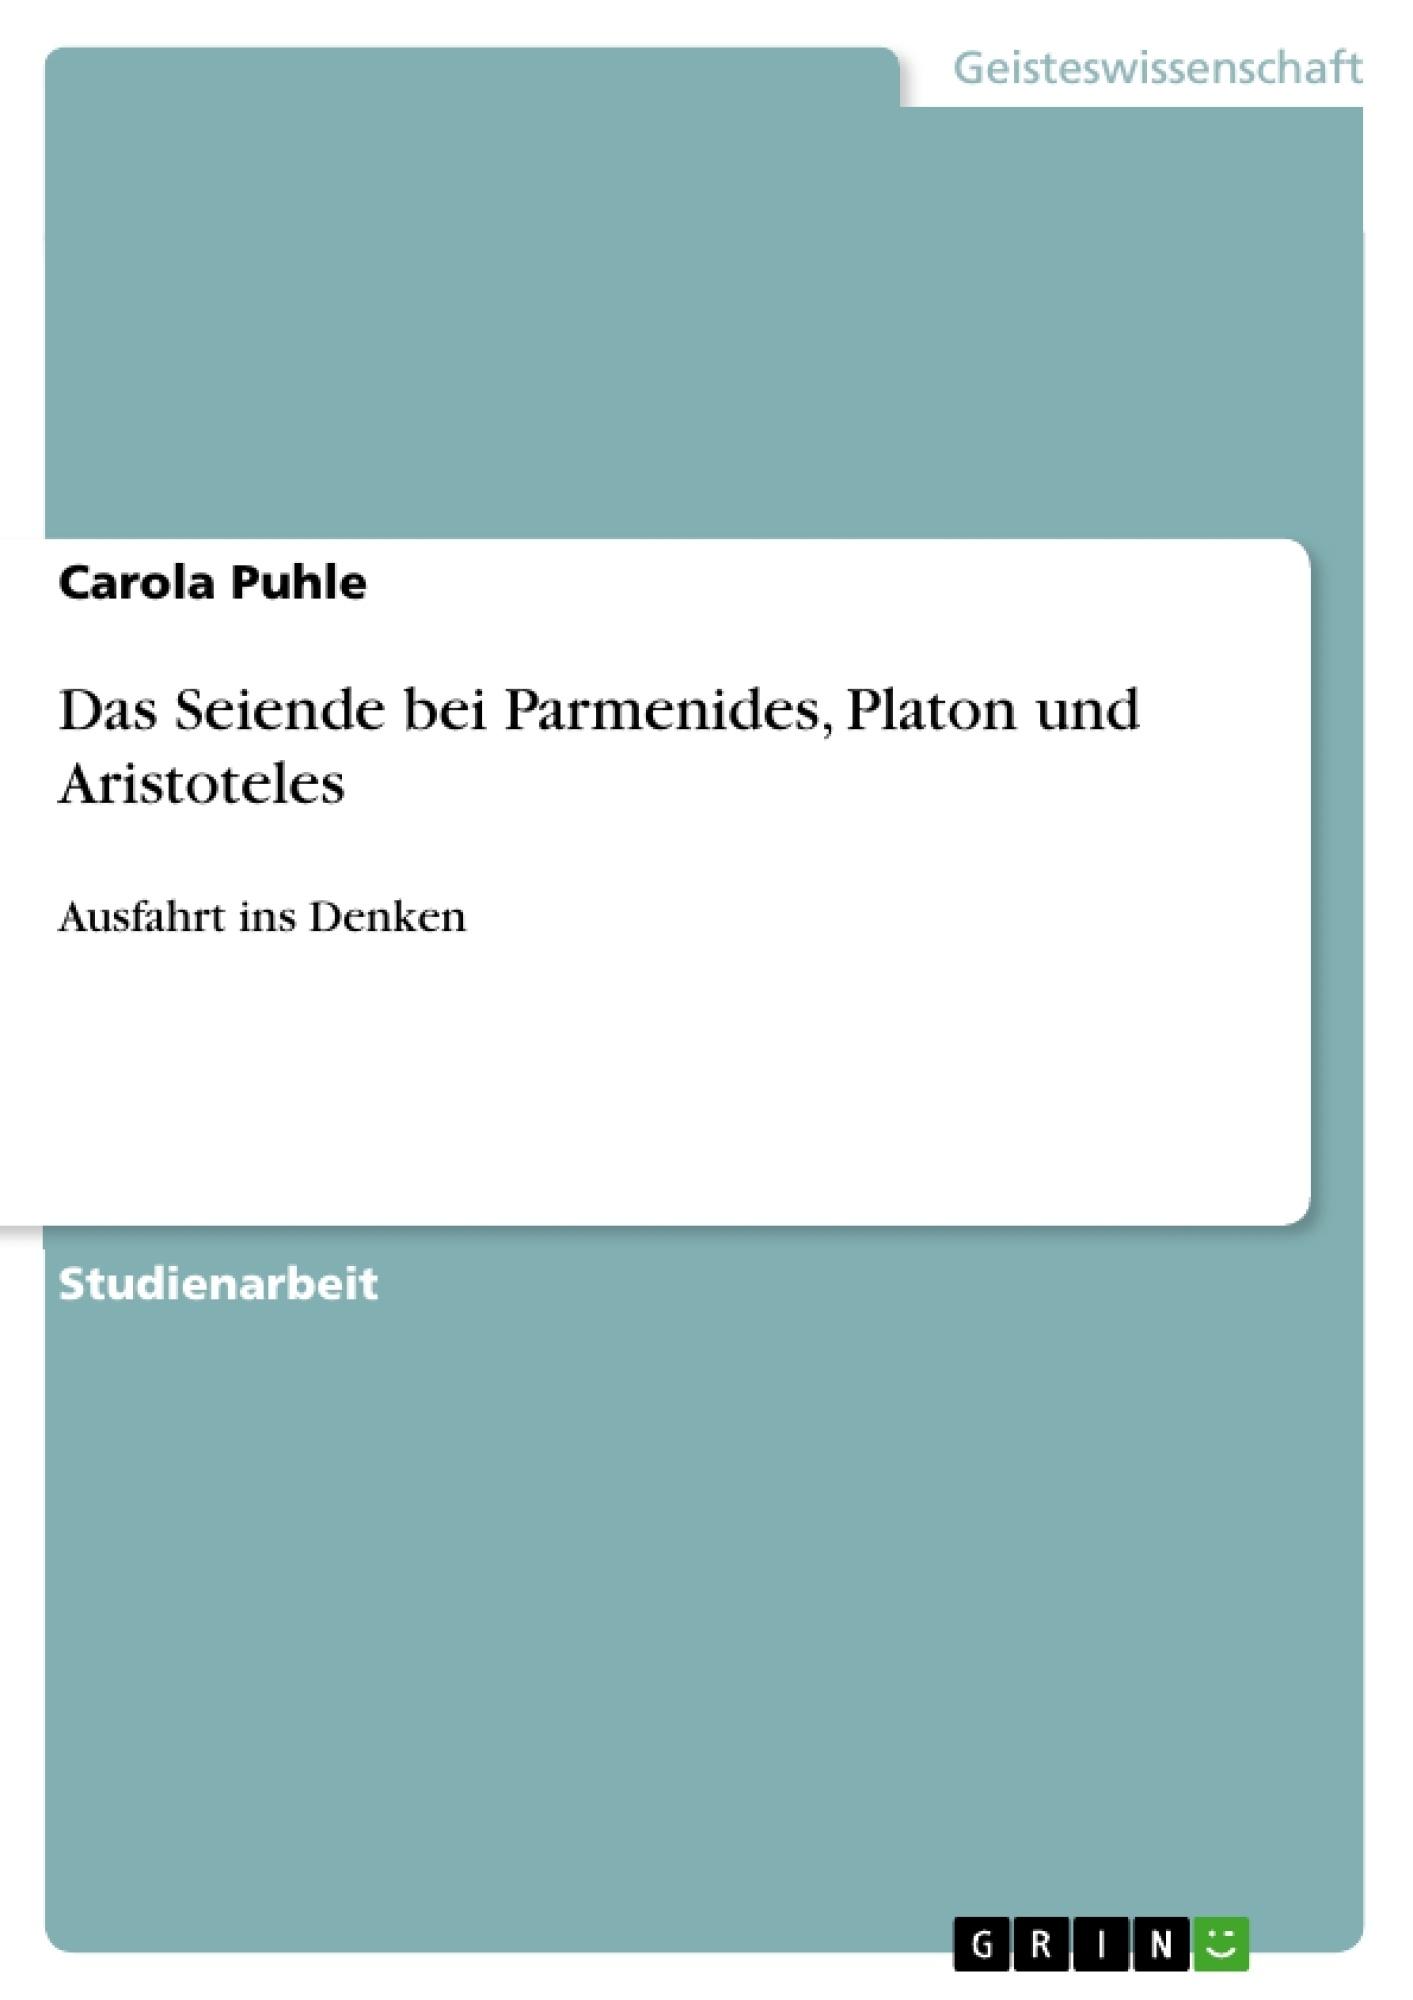 Titel: Das Seiende bei Parmenides, Platon und Aristoteles